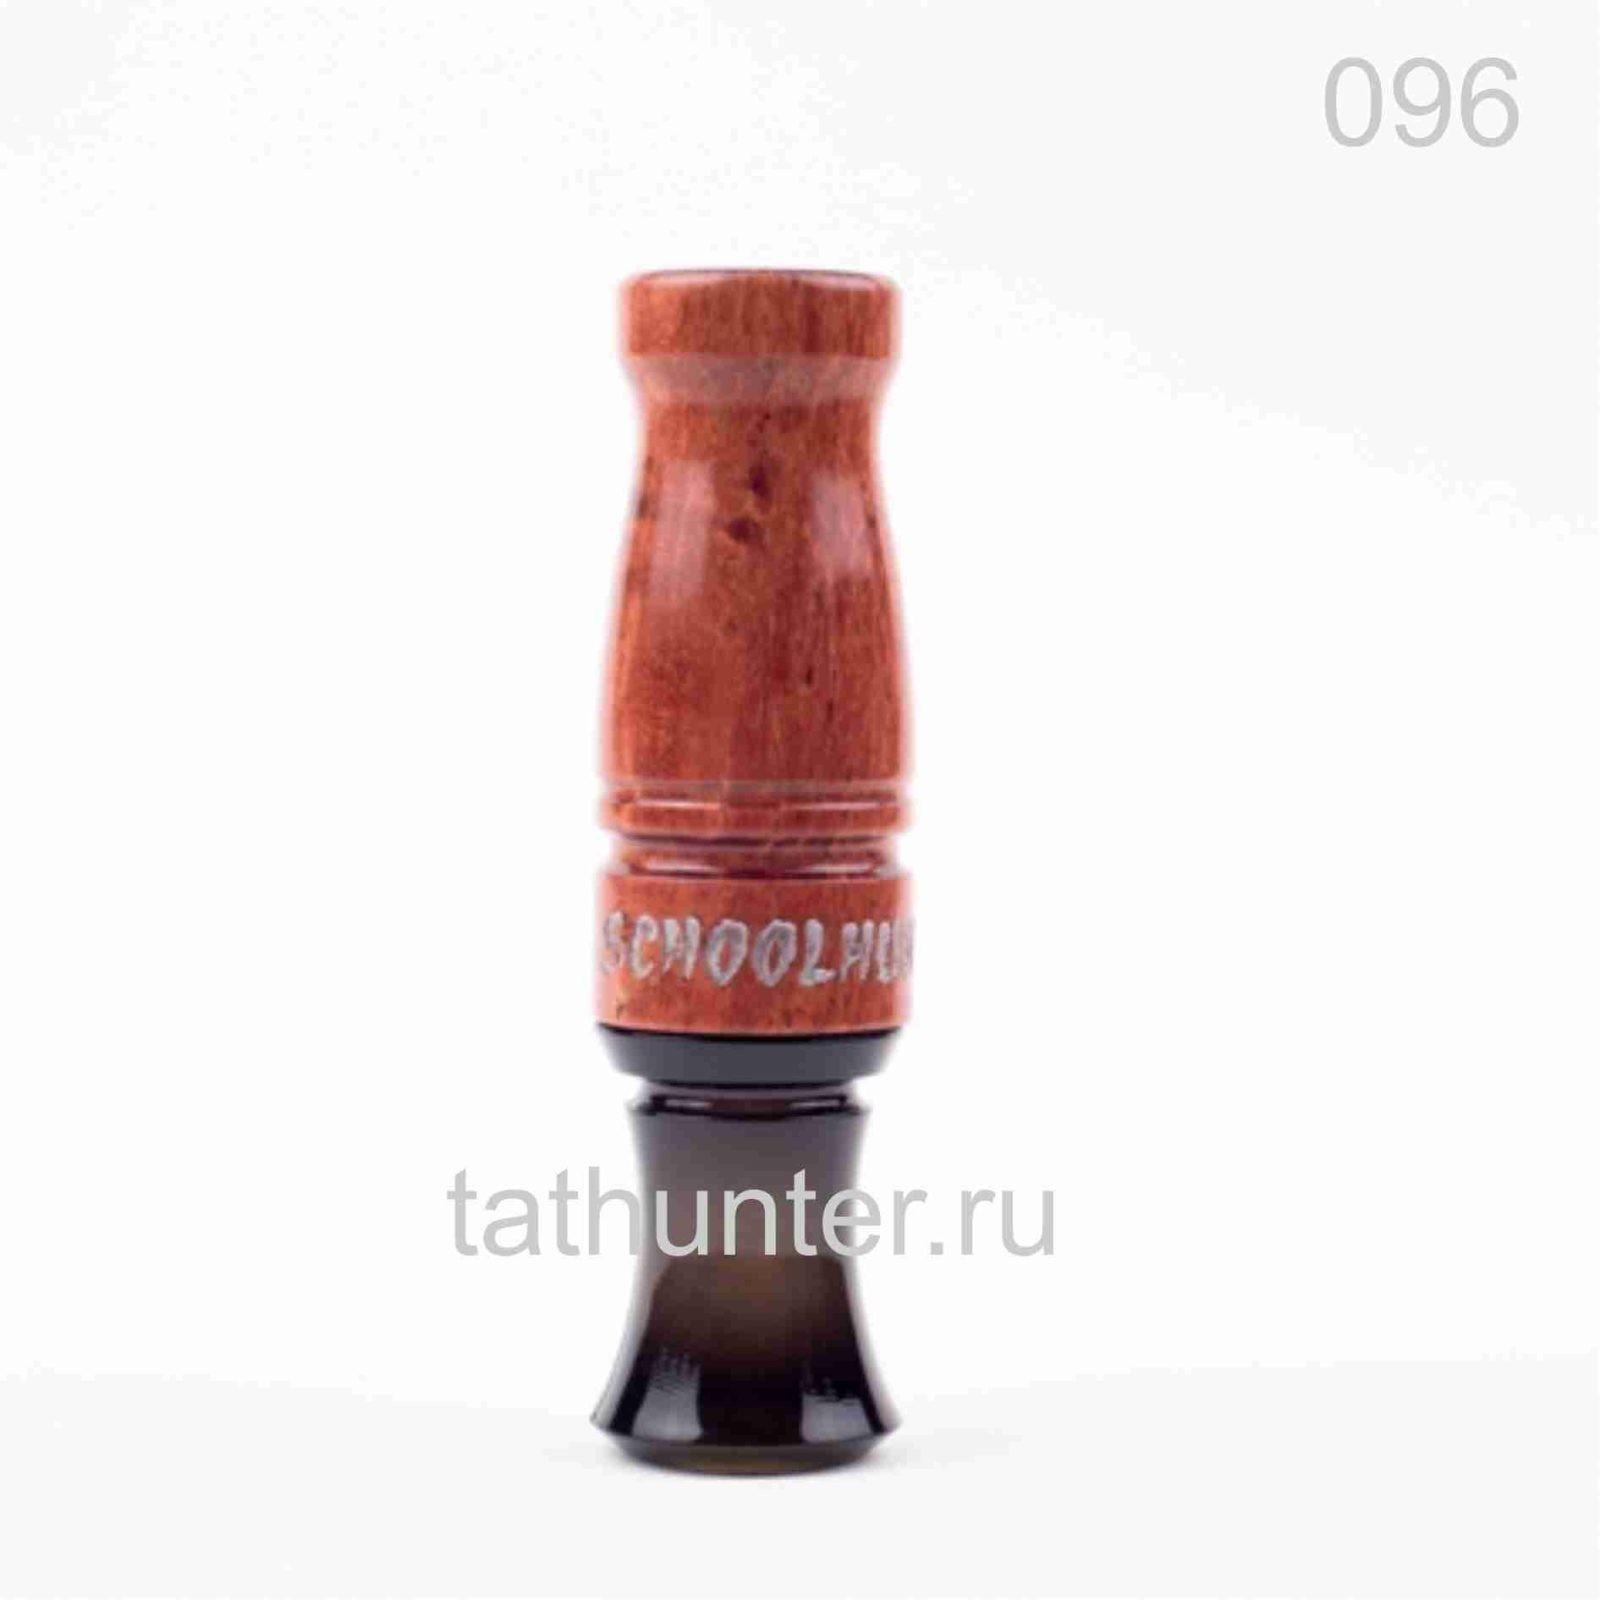 """Гусиный манок Schoolhunter серия """"Одержимость"""" цвет 096"""